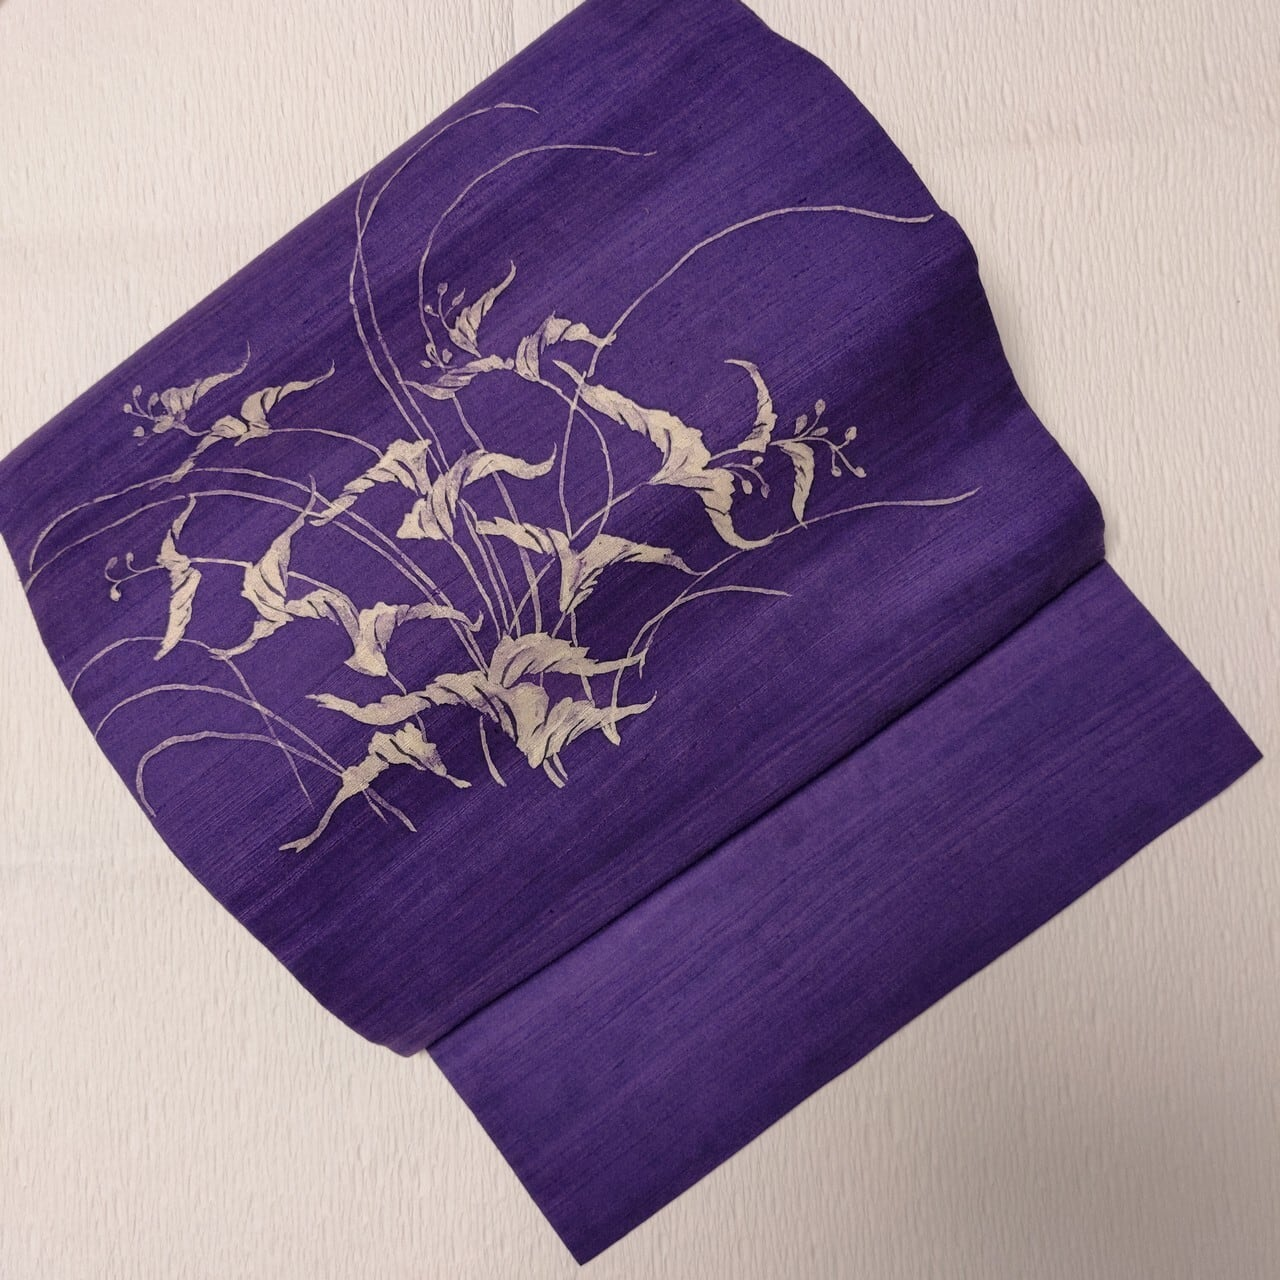 【染め】紬地袋帯 いつでもOKな草花柄 お太鼓柄 青紫